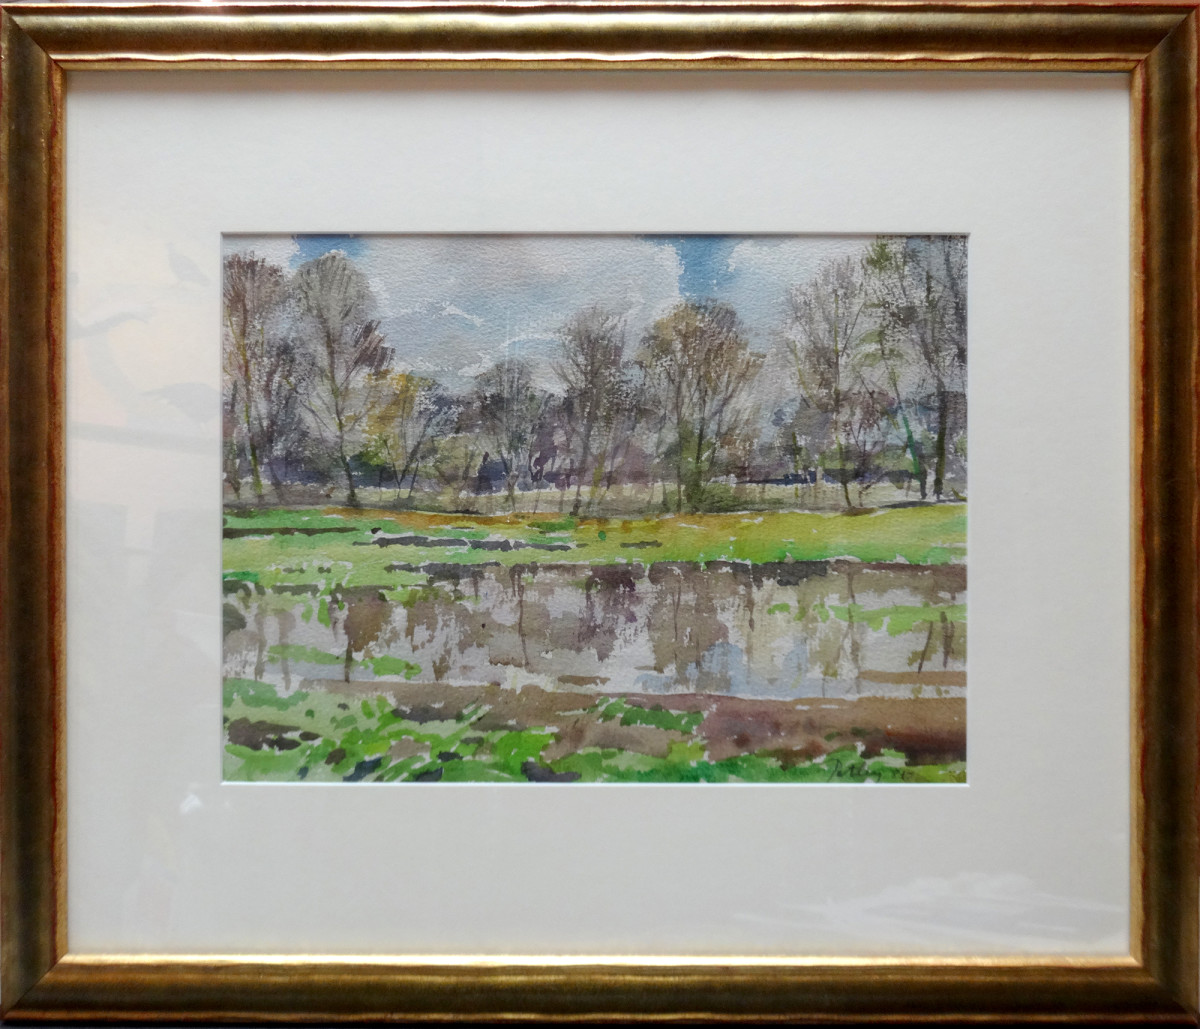 2398 - The Lake in Spring by Llewellyn Petley-Jones (1908-1986)